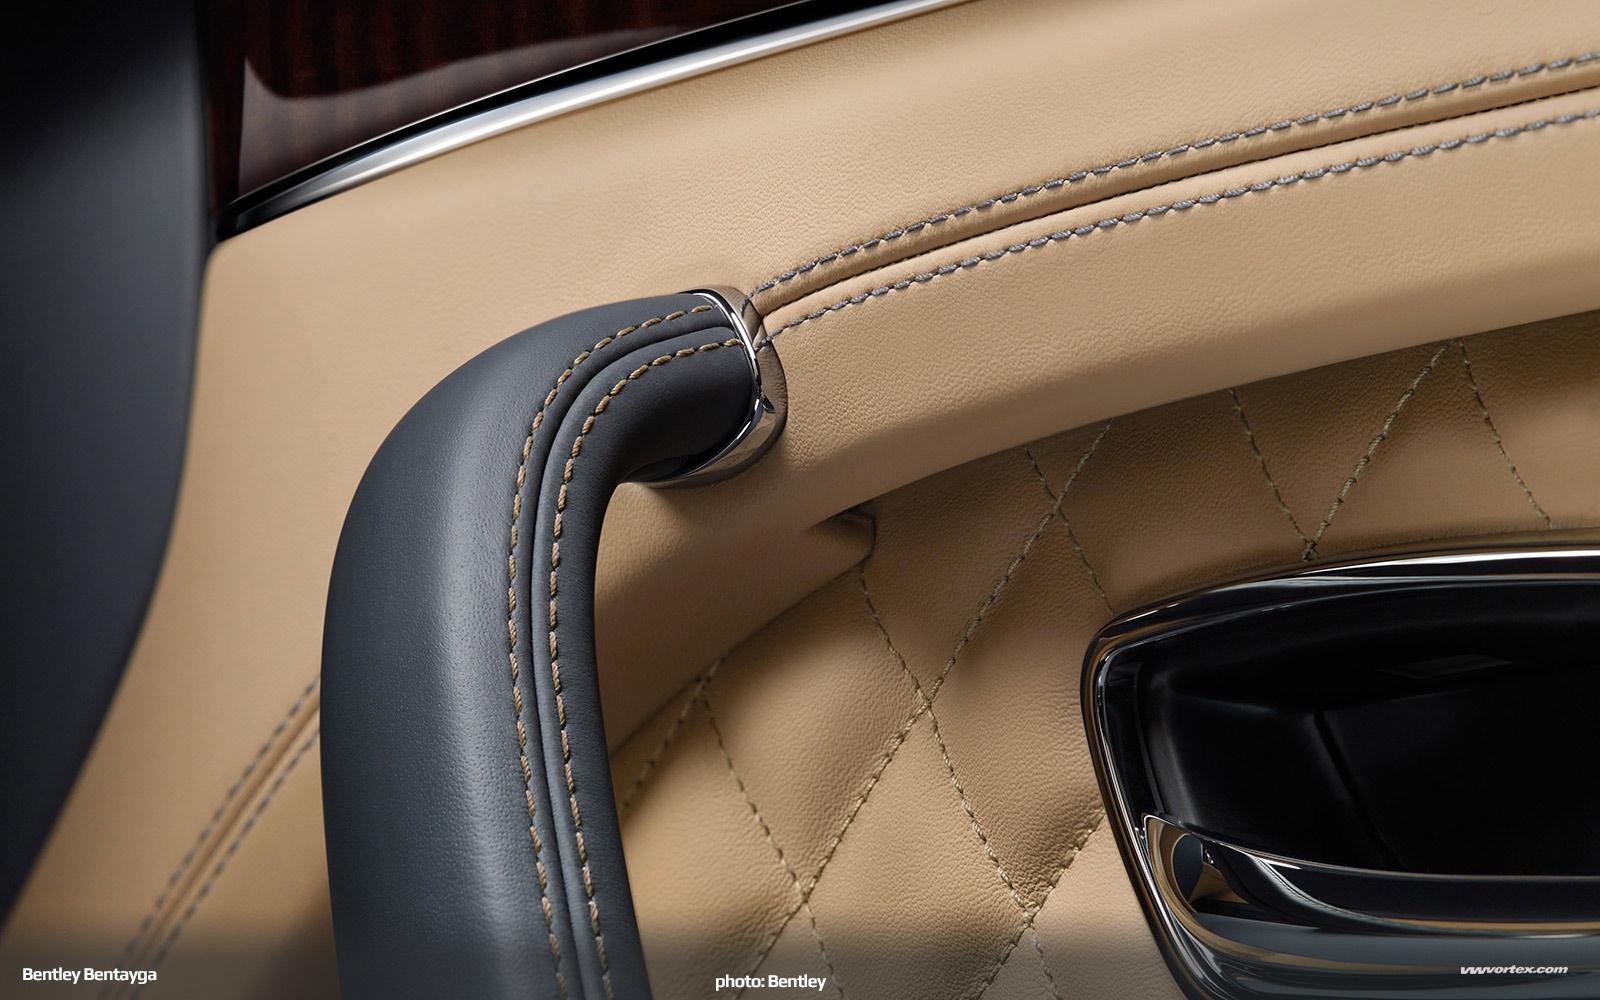 Bentley-Bentayga-SUV-crossover-2016-461